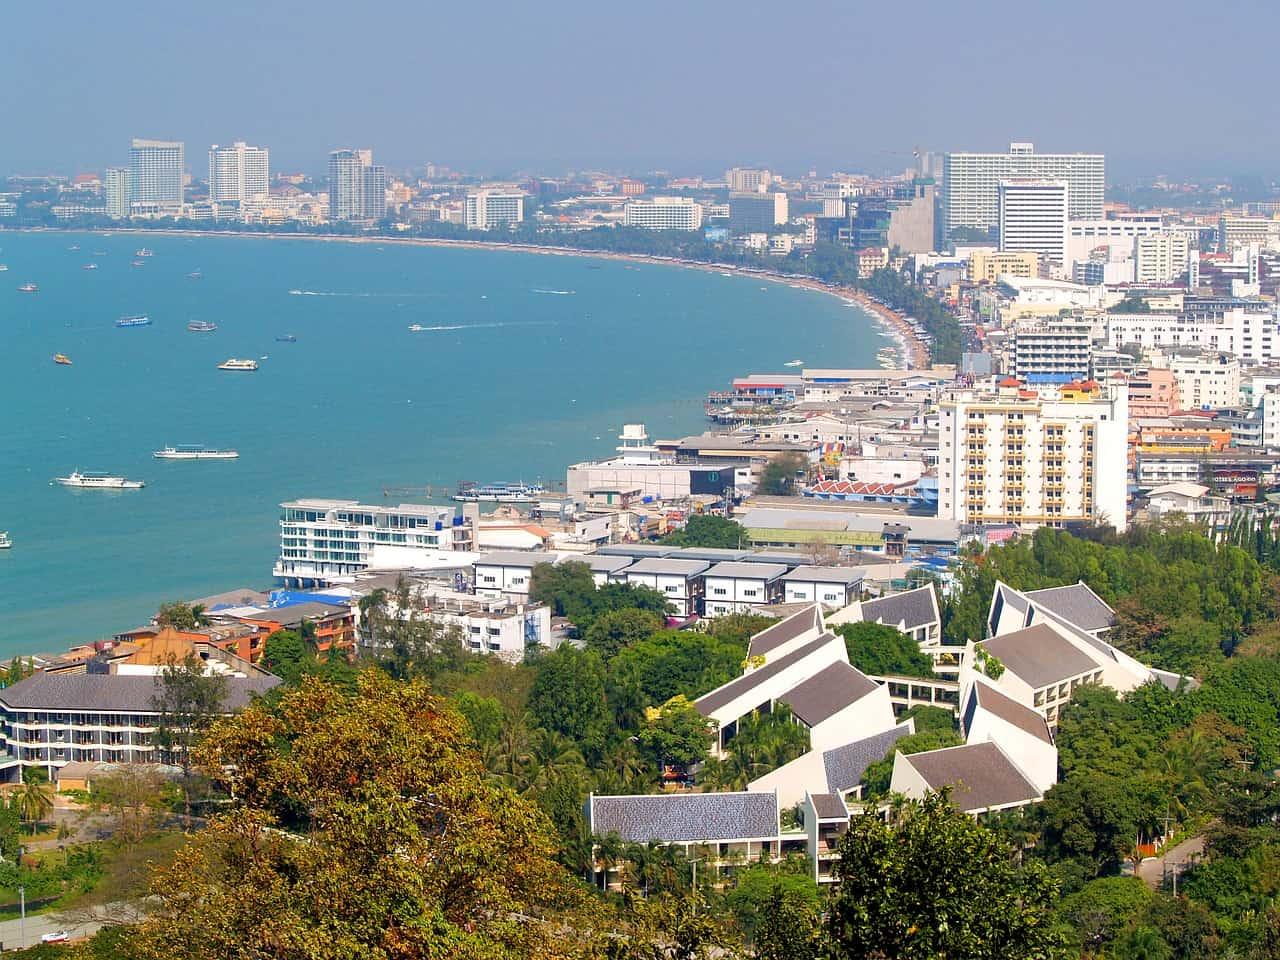 Urlaub Pattaya - 2 Wochen nur 631,00€   Pauschalreise